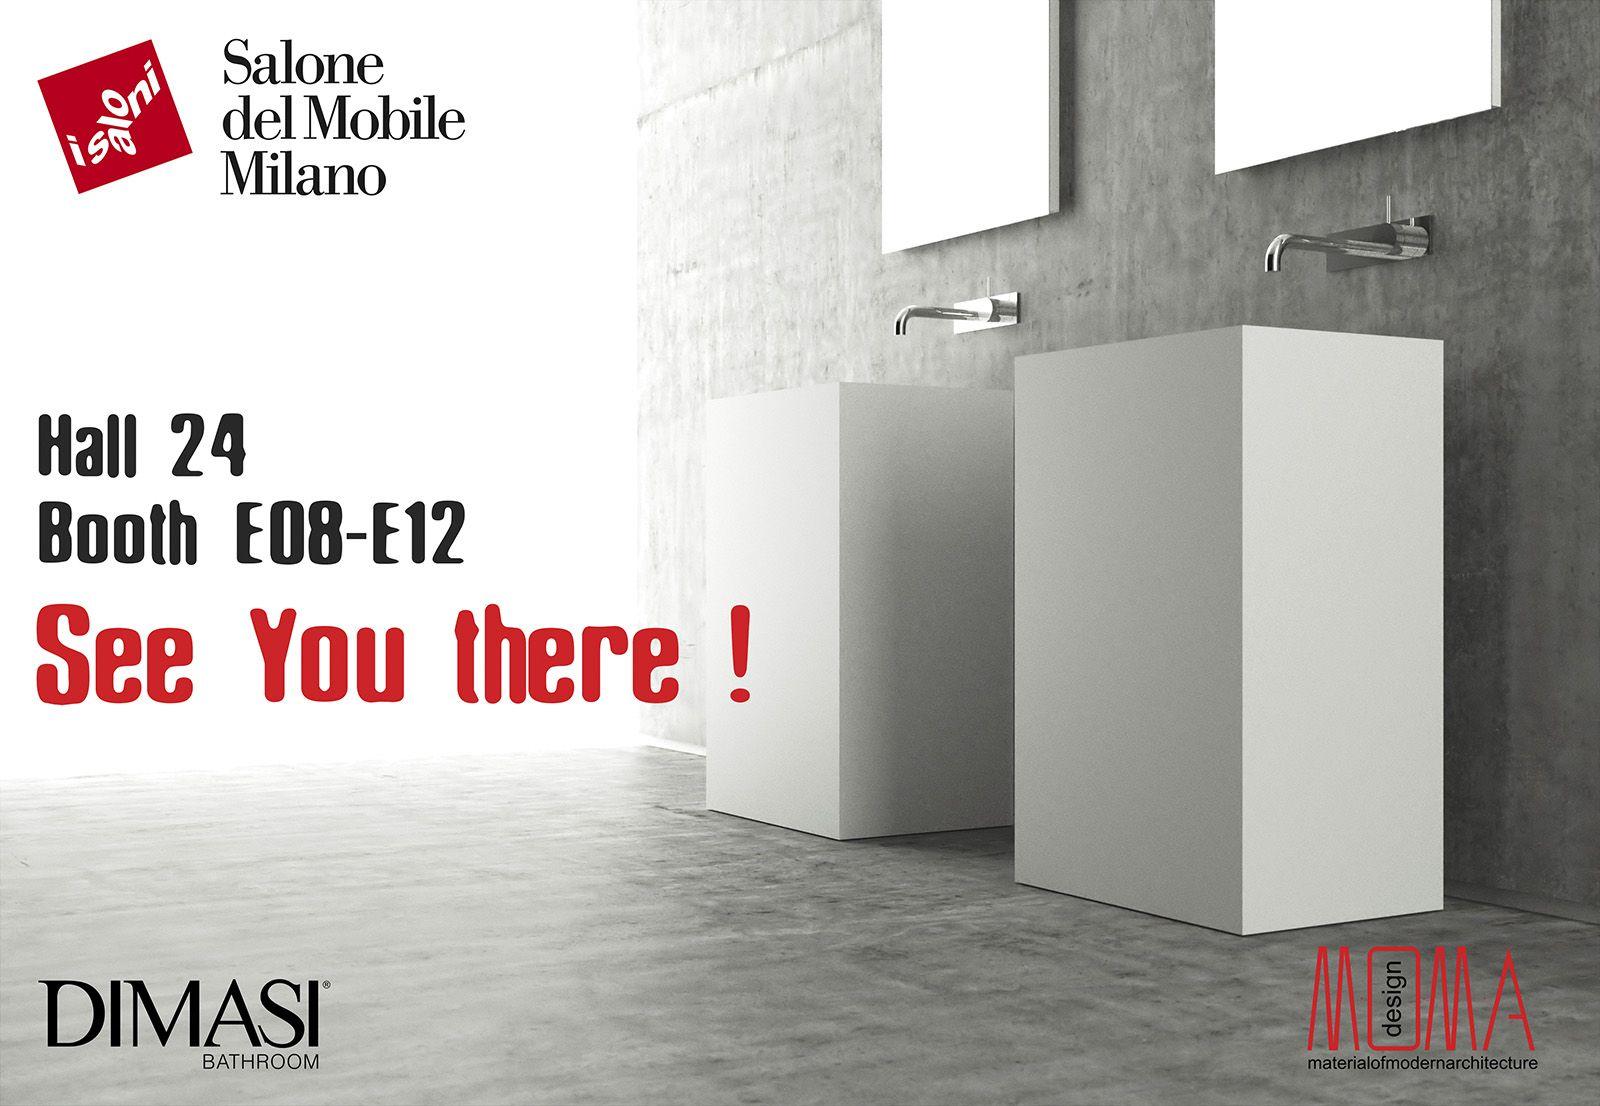 MOMA Design @ Salone del Mobile 2014 Milano / 8th – 13th April 2014 – Milan Fairgrounds, Rho #ISaloni #SaloneBagno #SalonedelMobile #design #architecture #fuorisalone #bathroom #FieraMilano #MOMADesign